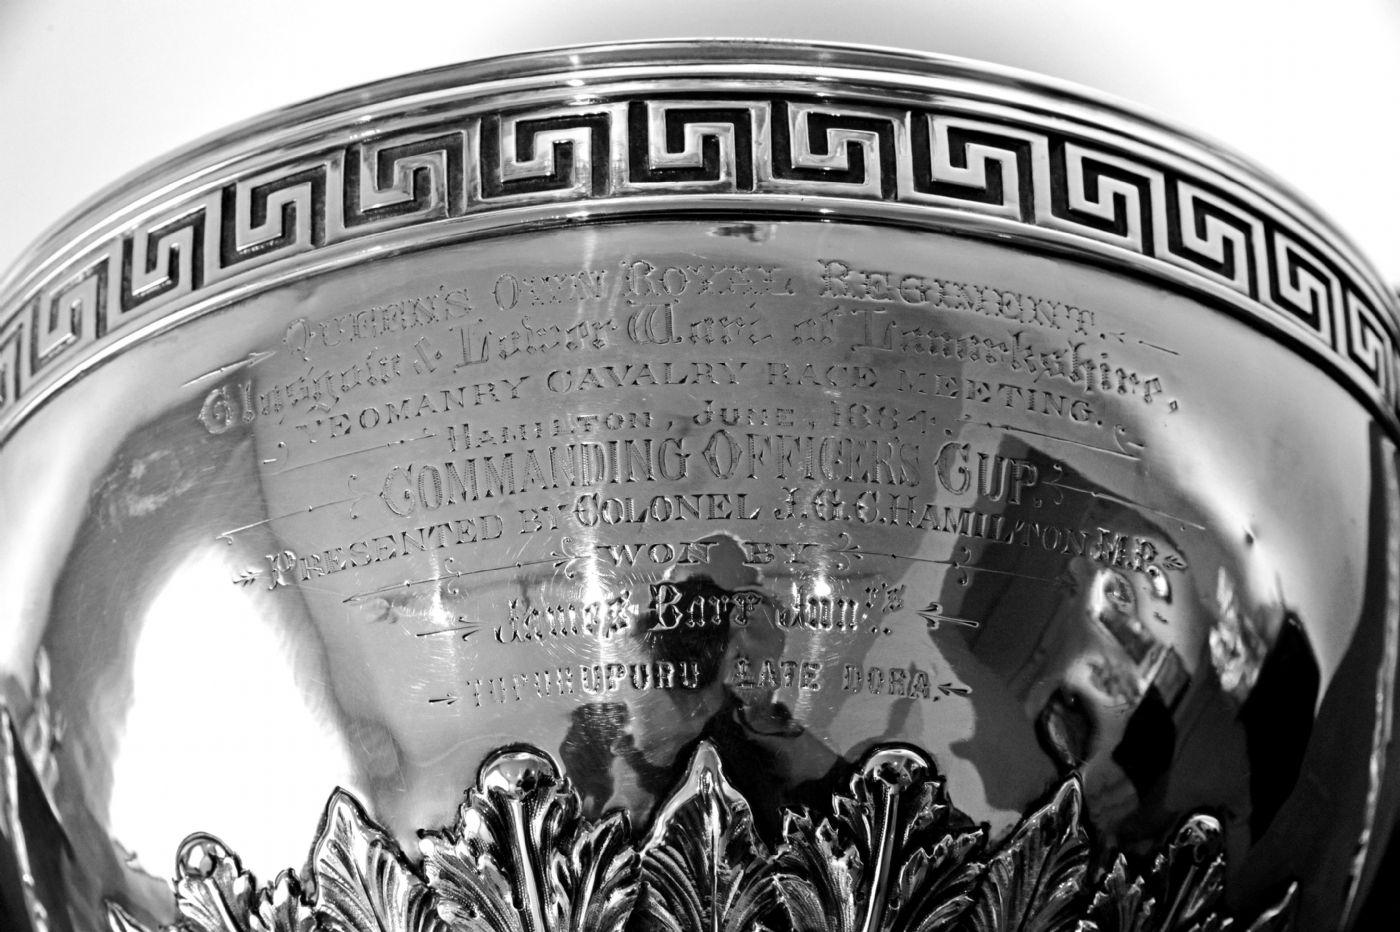 thumb3 Trofeo in argento inciso e datato 1884